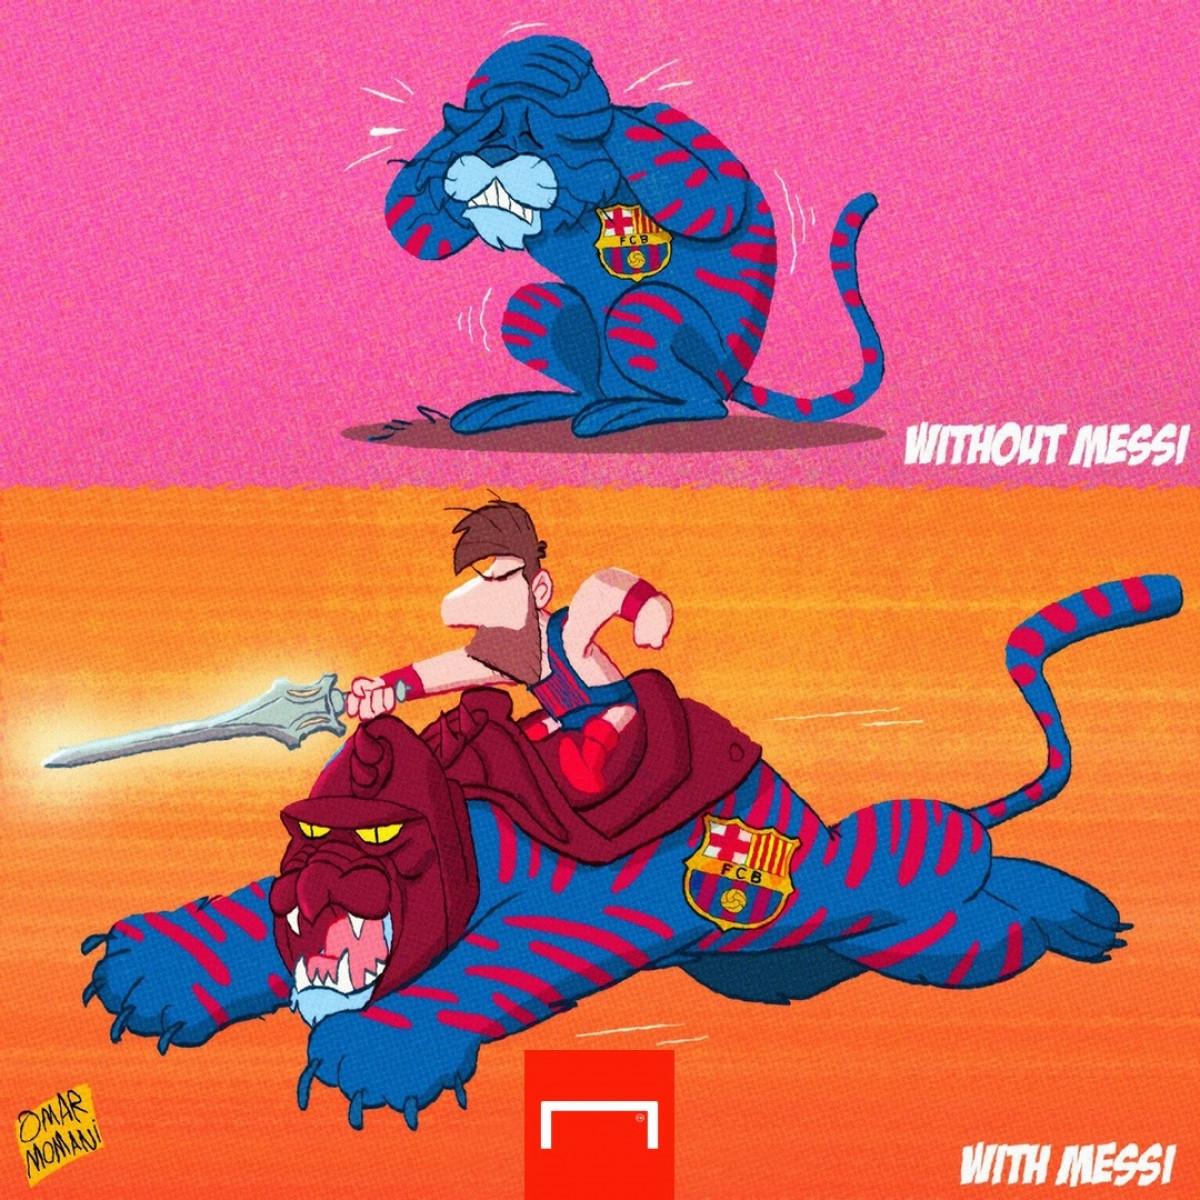 Barca hoá tầm thường khi không còn Messi. (Ảnh: Omar Momani)